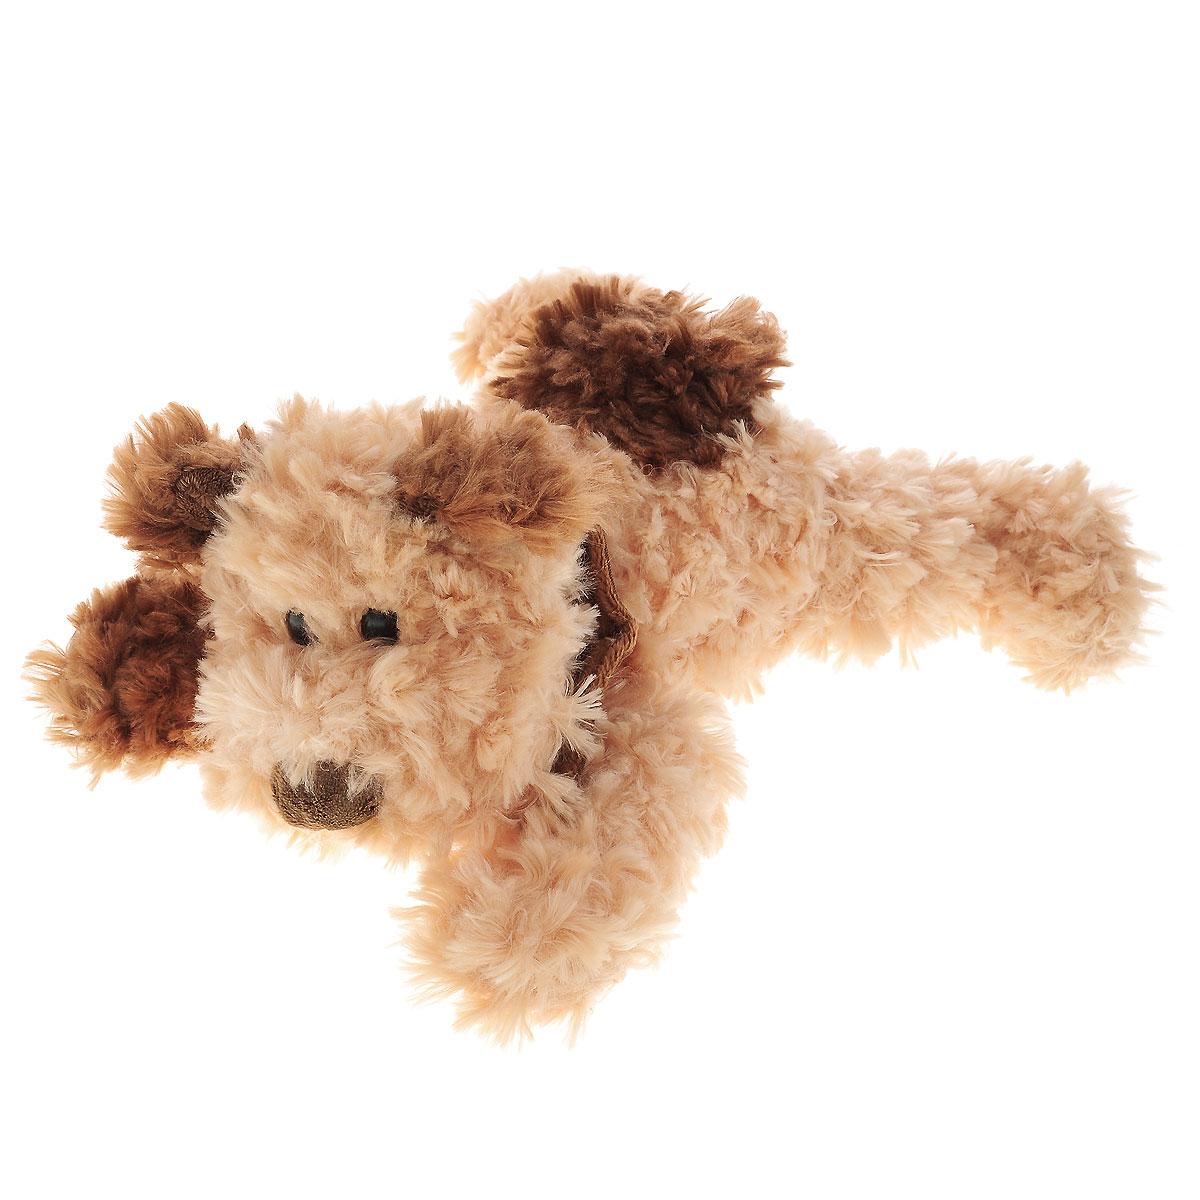 Мягкая игрушка Plush Apple Собака с шарфом, 28 см мягкая игрушка plush apple собака с шарфом 28 см